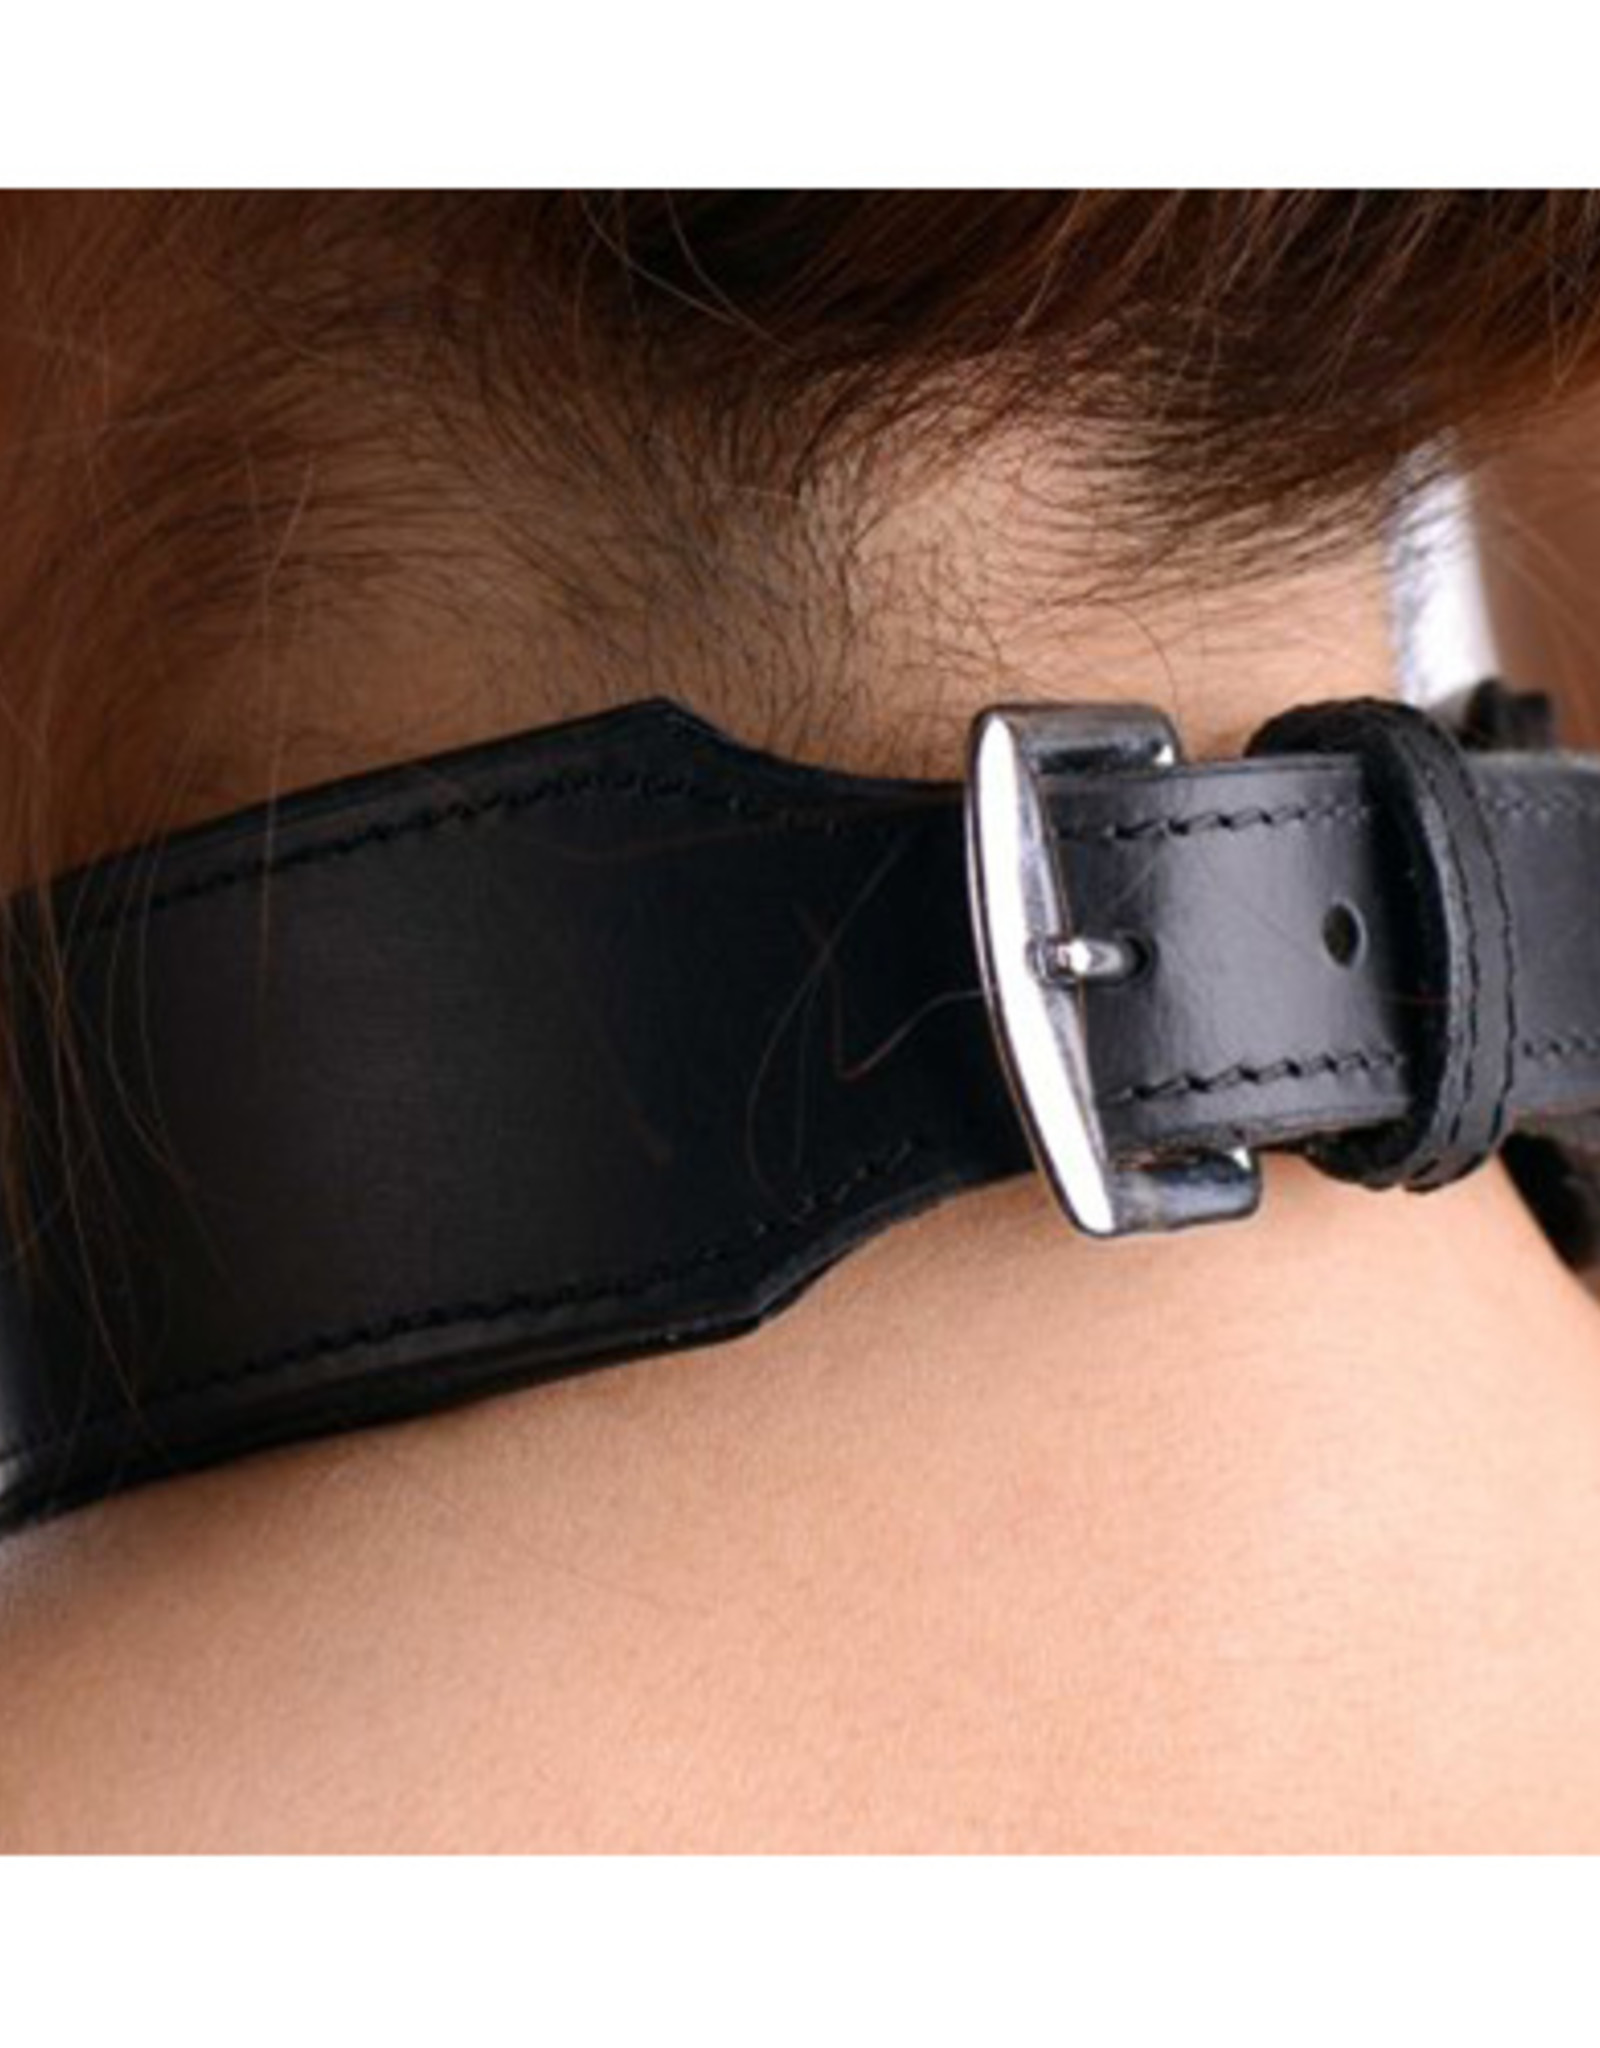 Strict Leather Lederen Halsband Met 'Slut' Studs Design